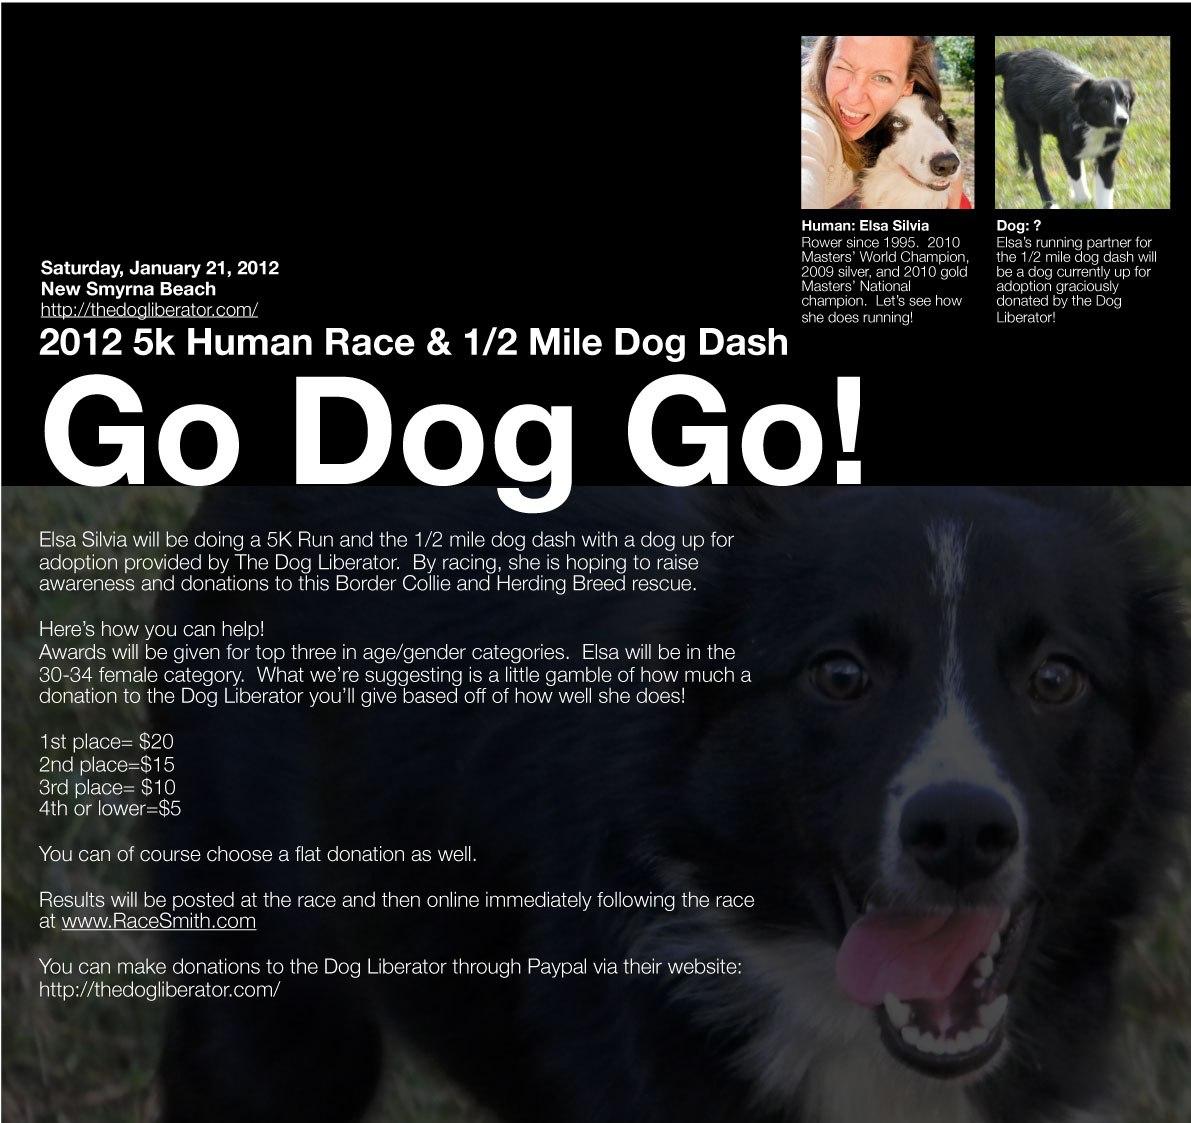 2012 5K Human Race & 1/2 Mile Dog Dash with Elsa Silvia